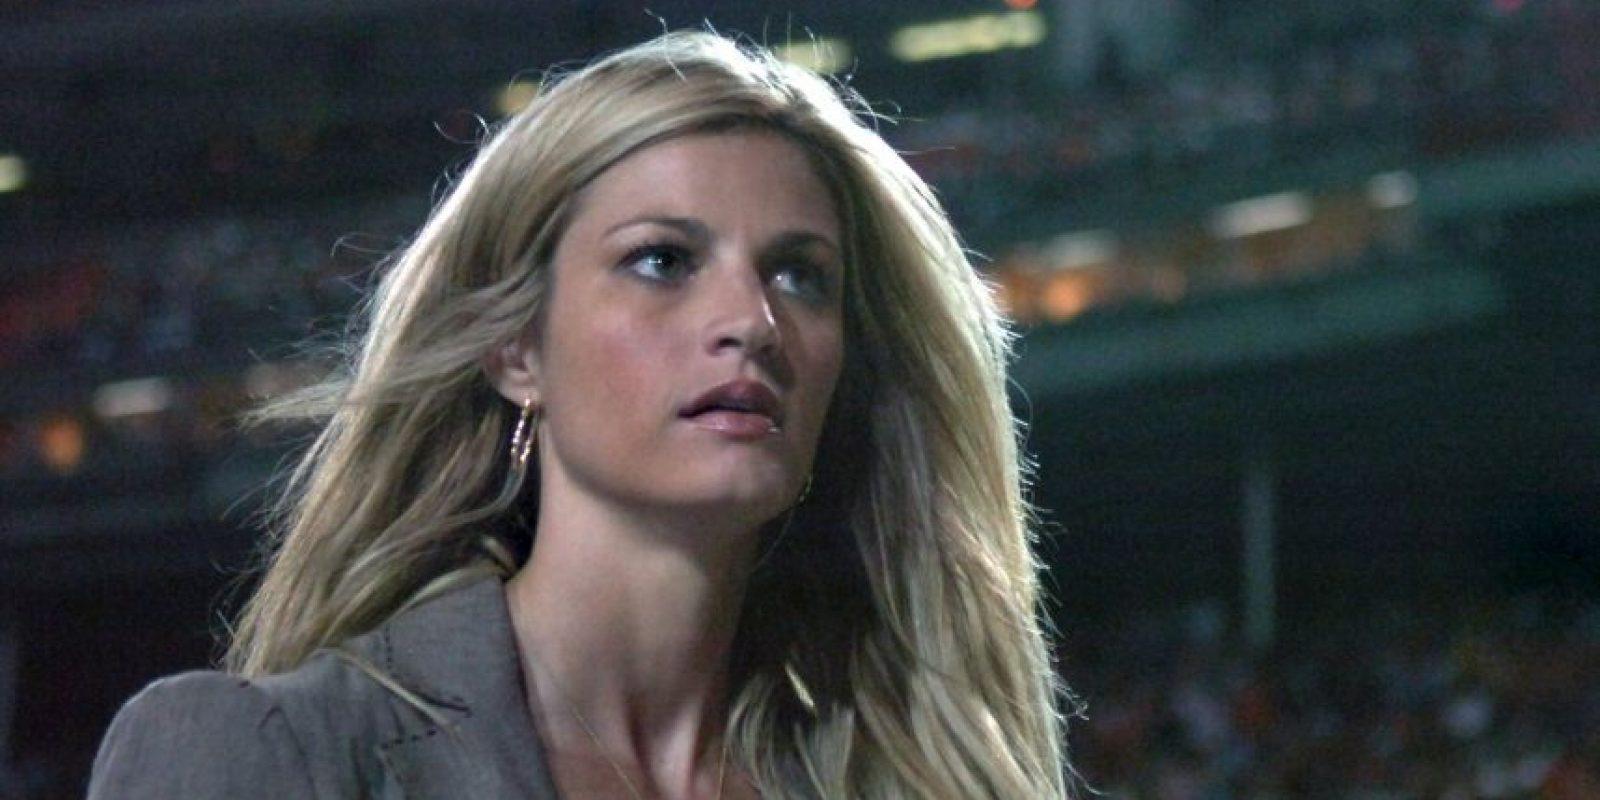 Erin Andrews es una de las periodistas deportivas más conocidas de Estados Unidos. Foto:Getty Images